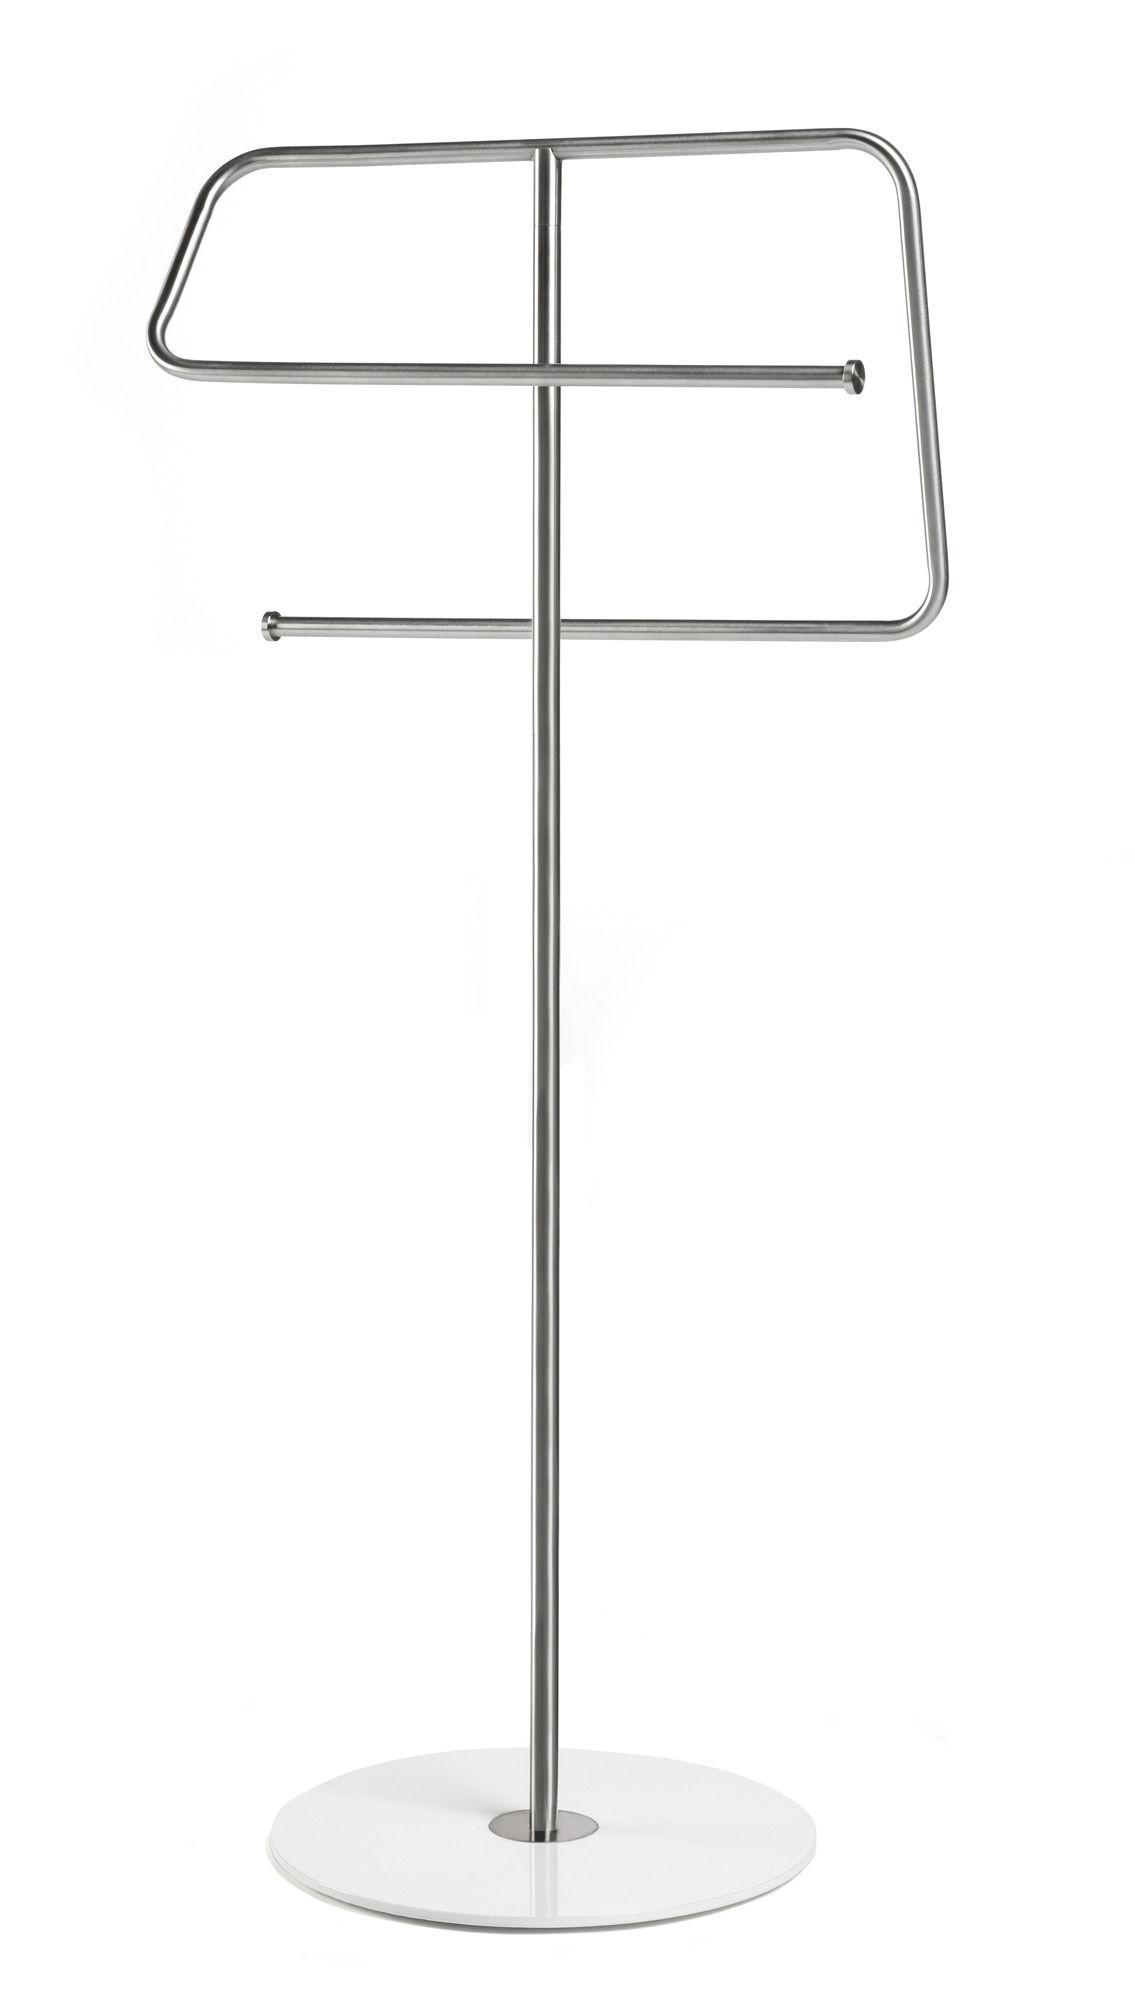 Dekoration - Badezimmer - Kali Handtuchhalter - Authentics - Stahl - Sockel weiß - rostfreier Stahl